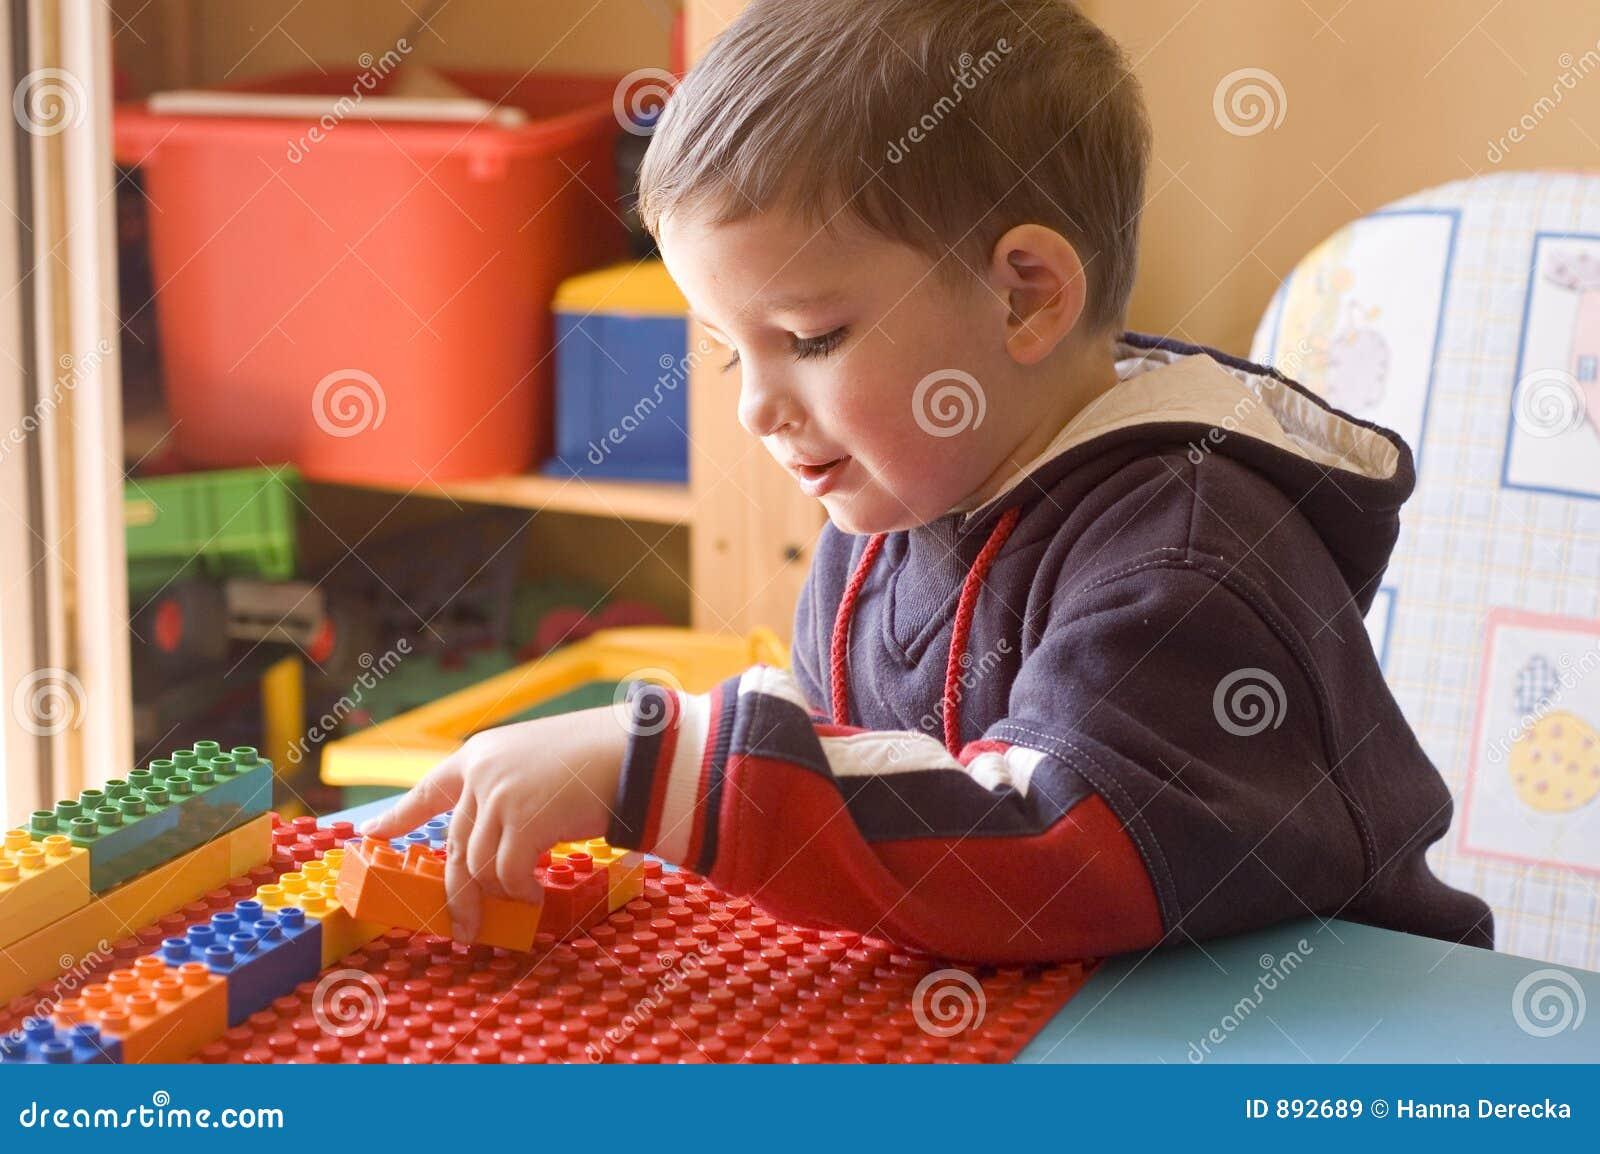 Paker jego pokoi zabawki